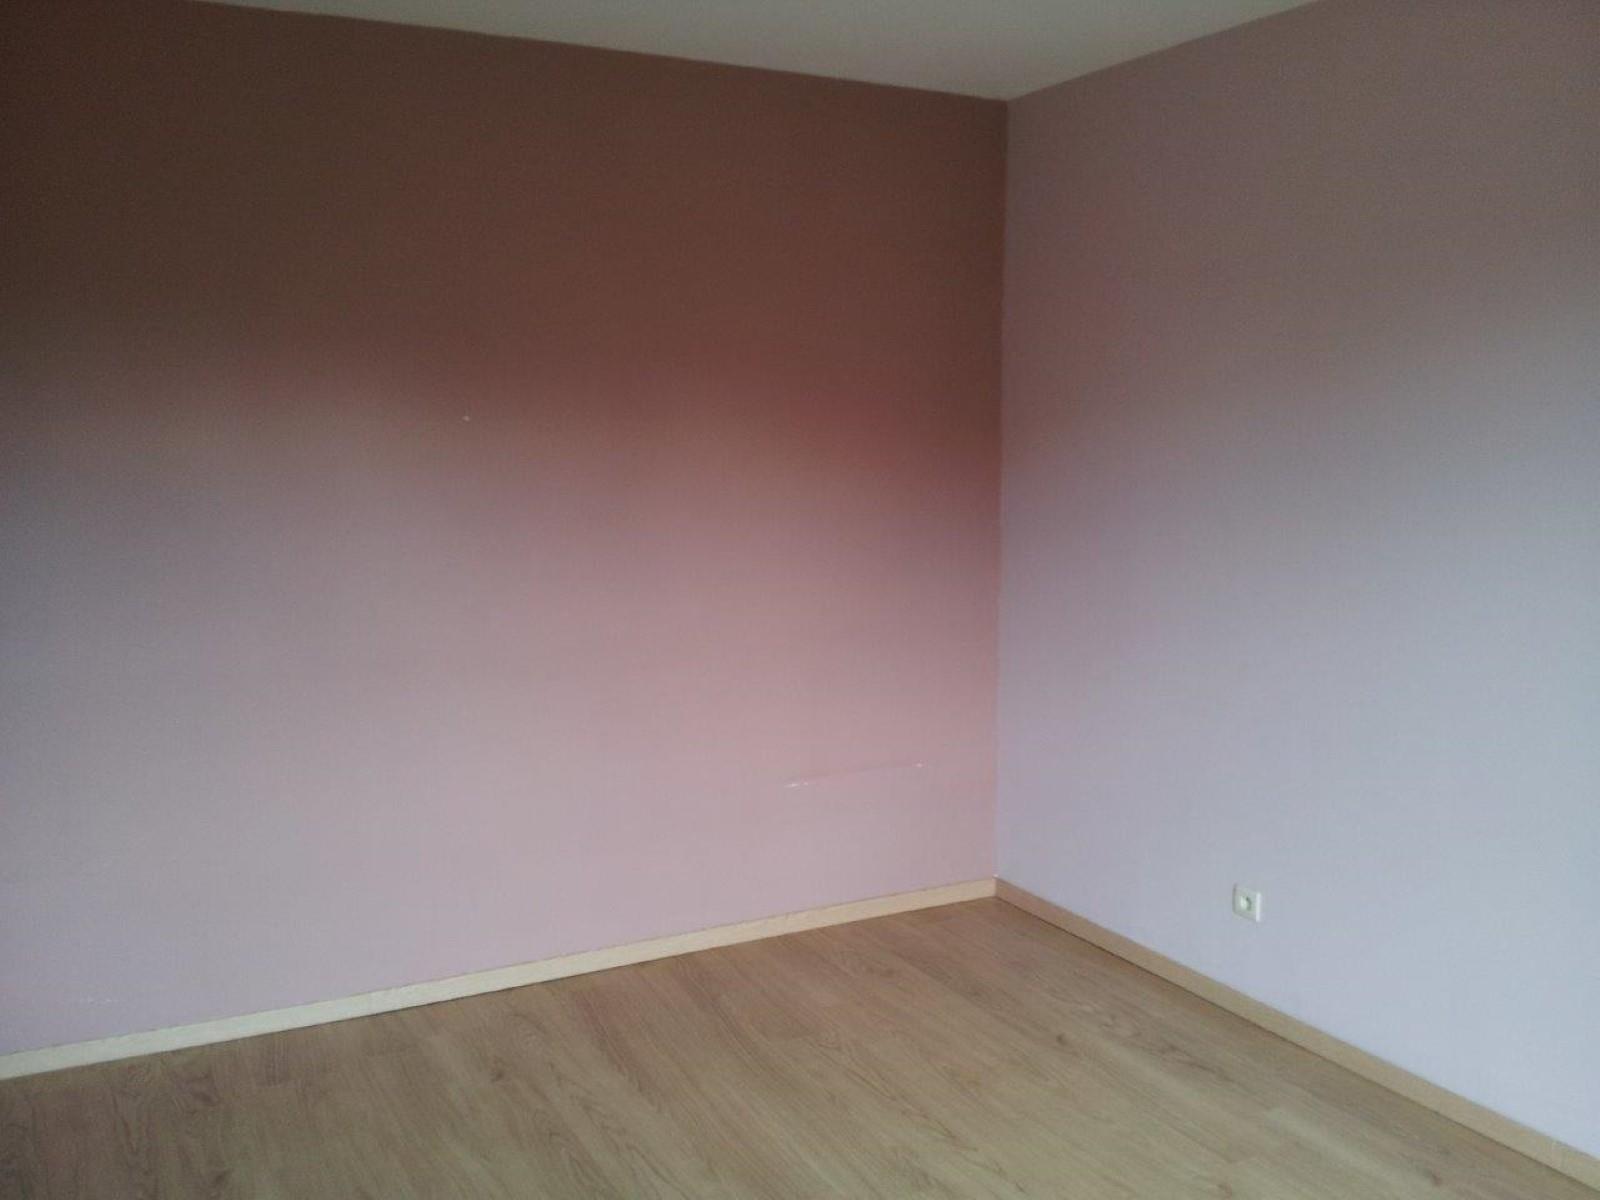 Appartement - Berchem-Sainte-Agathe - #3600663-7